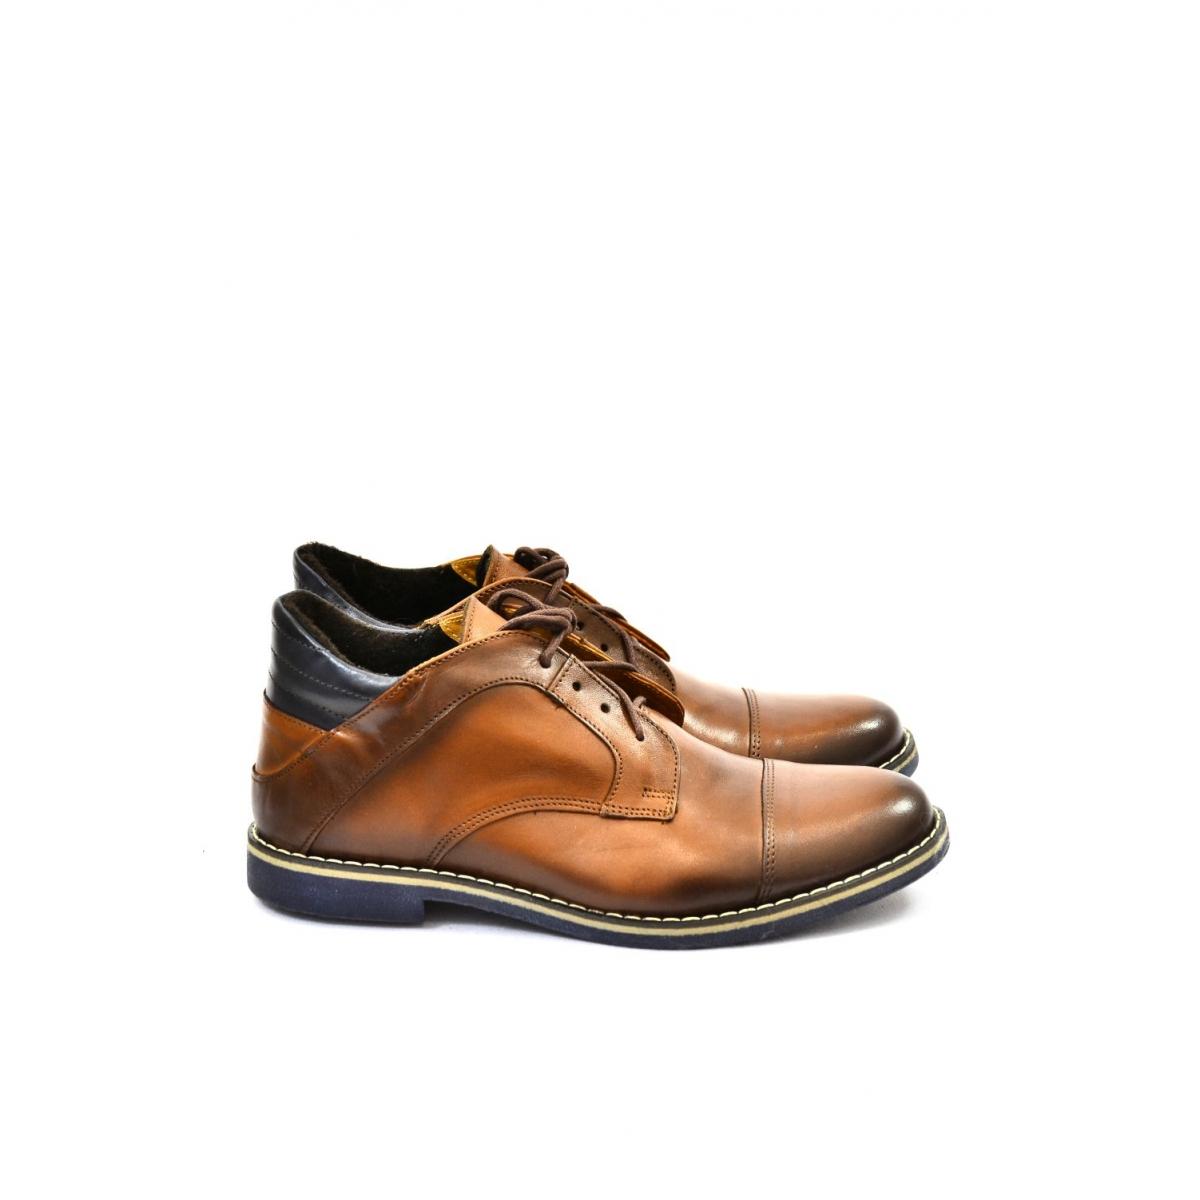 4496678b40a5 Pánske hnedé kožené zimné topánky VINNY - 2